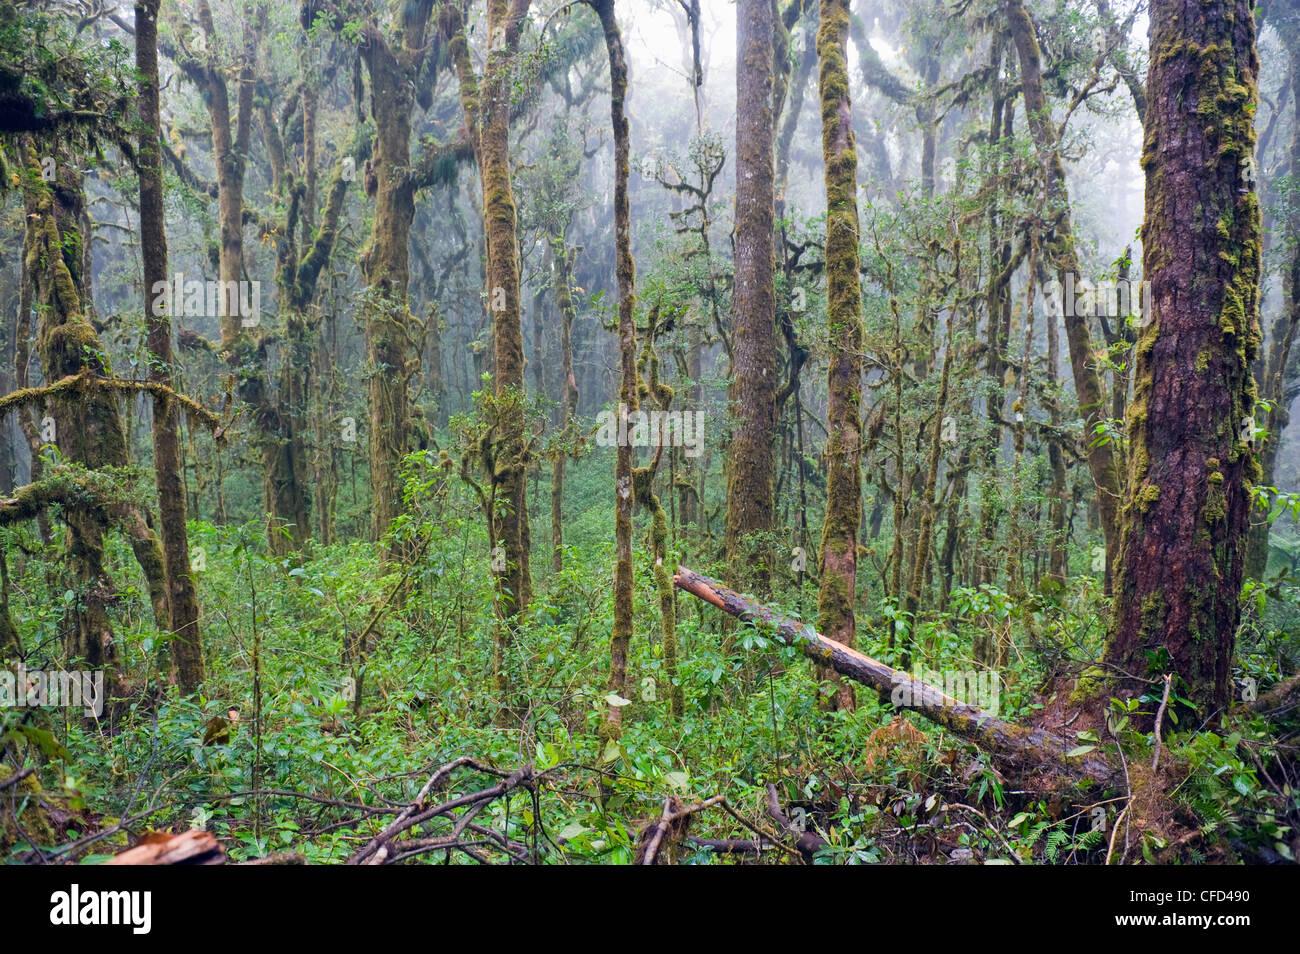 Rain forest of Parque Nacional Montana de Celaque, Gracias, Honduras, Central America - Stock Image